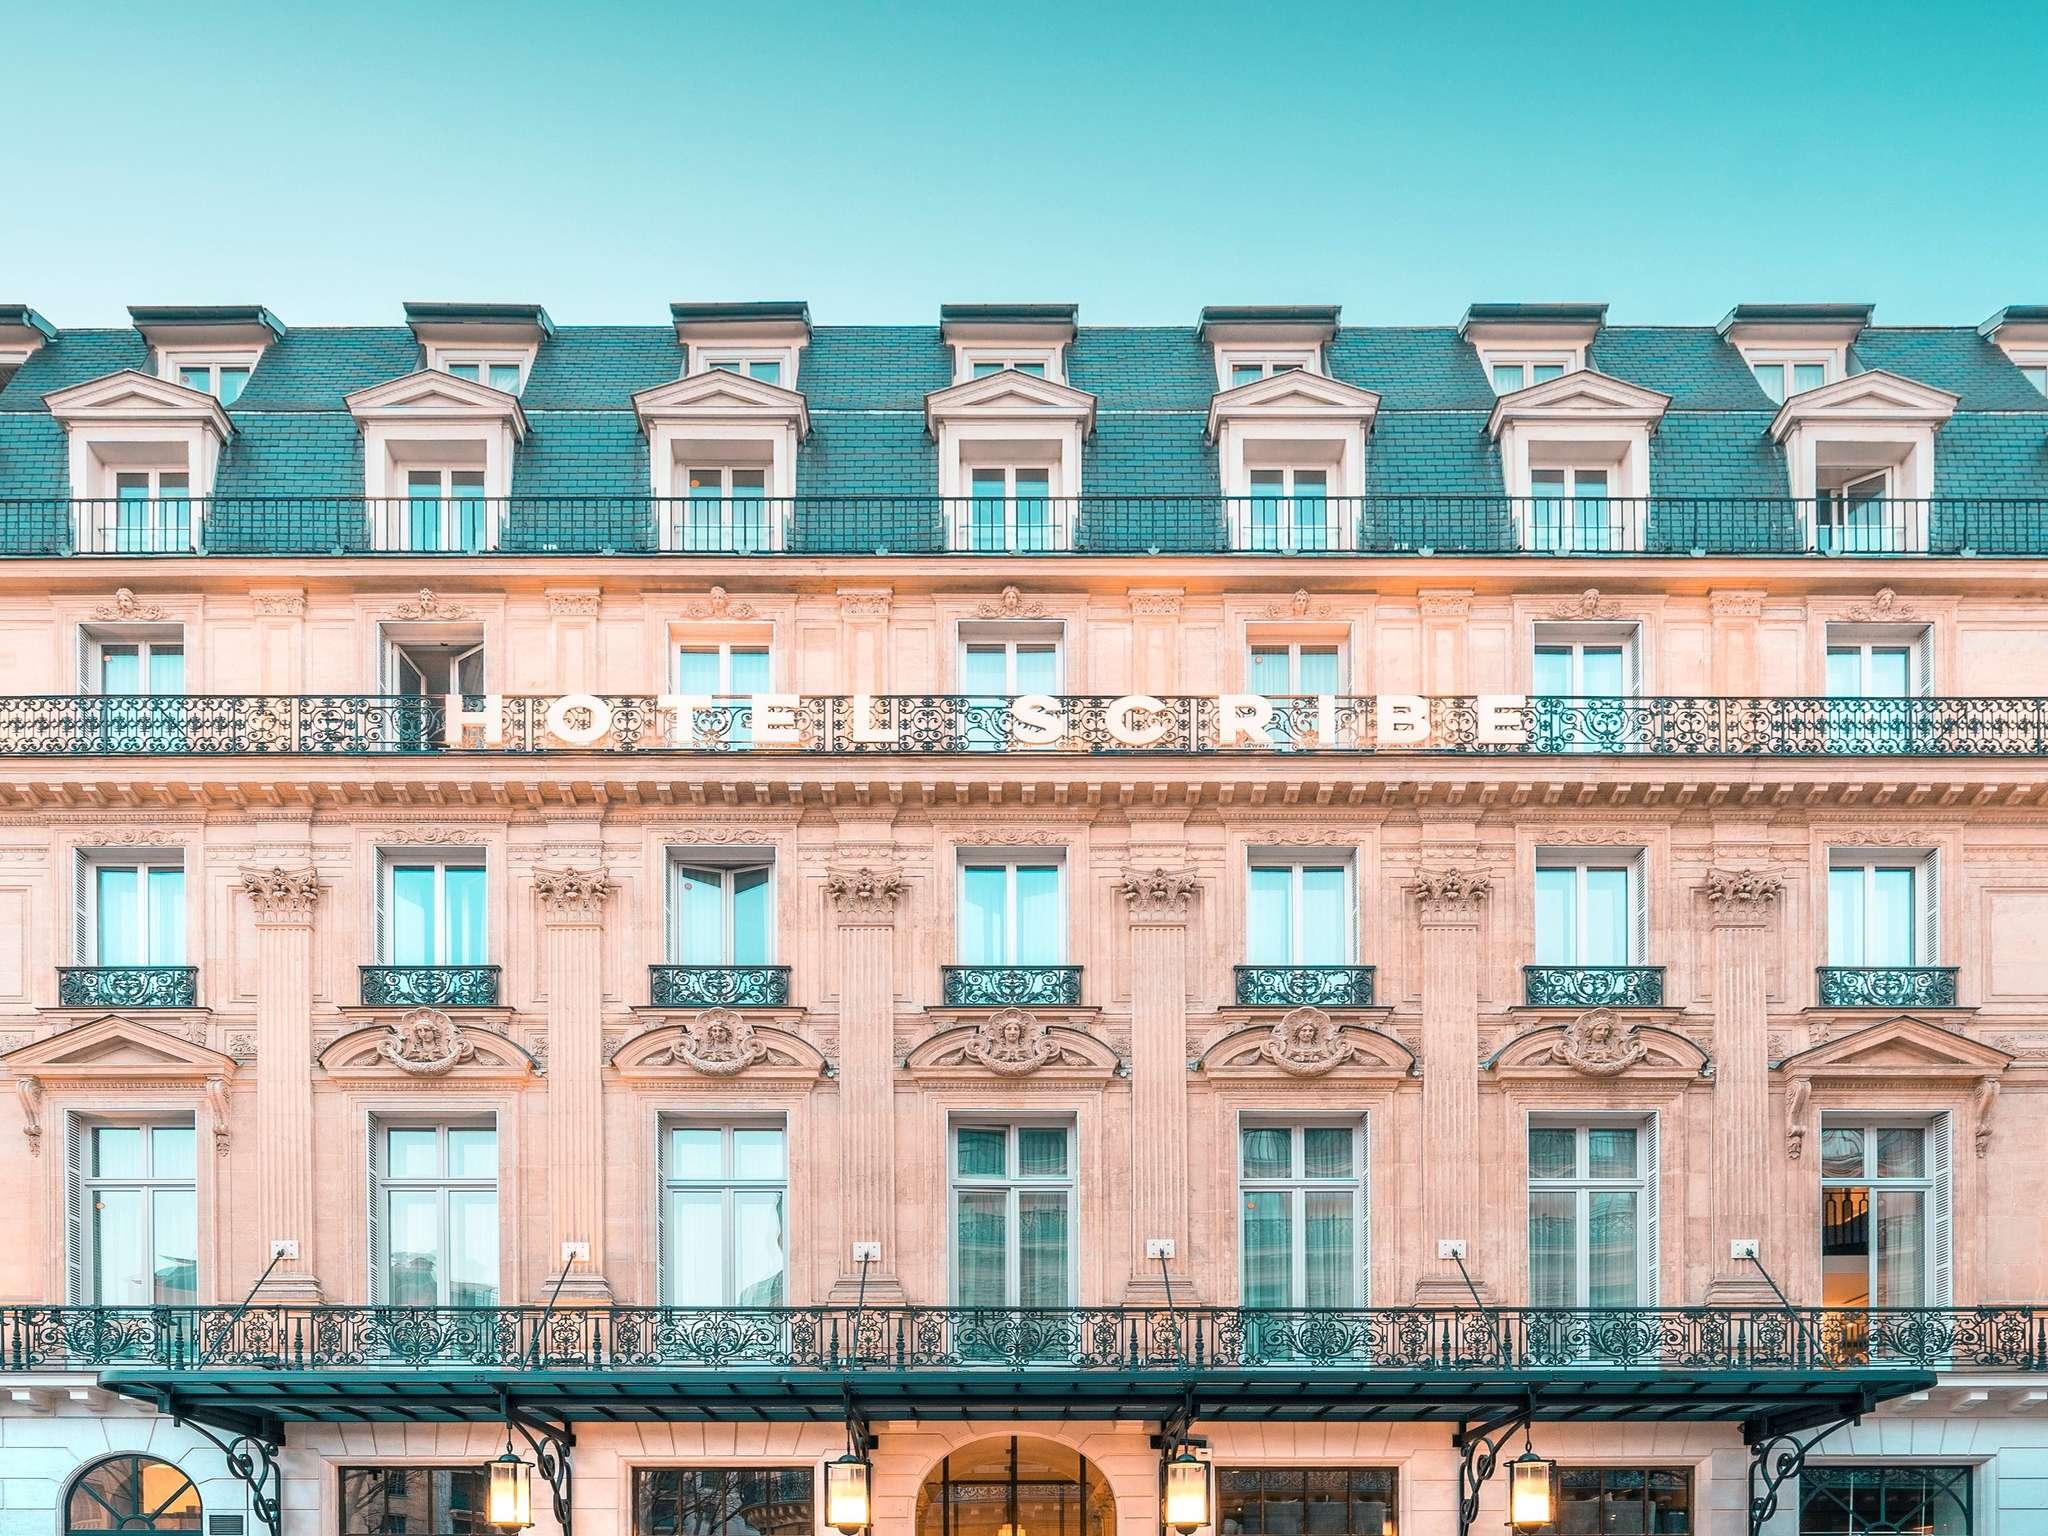 โรงแรม – สไครบ์ ปารีส โอเปร่า โดยโซฟิเทล